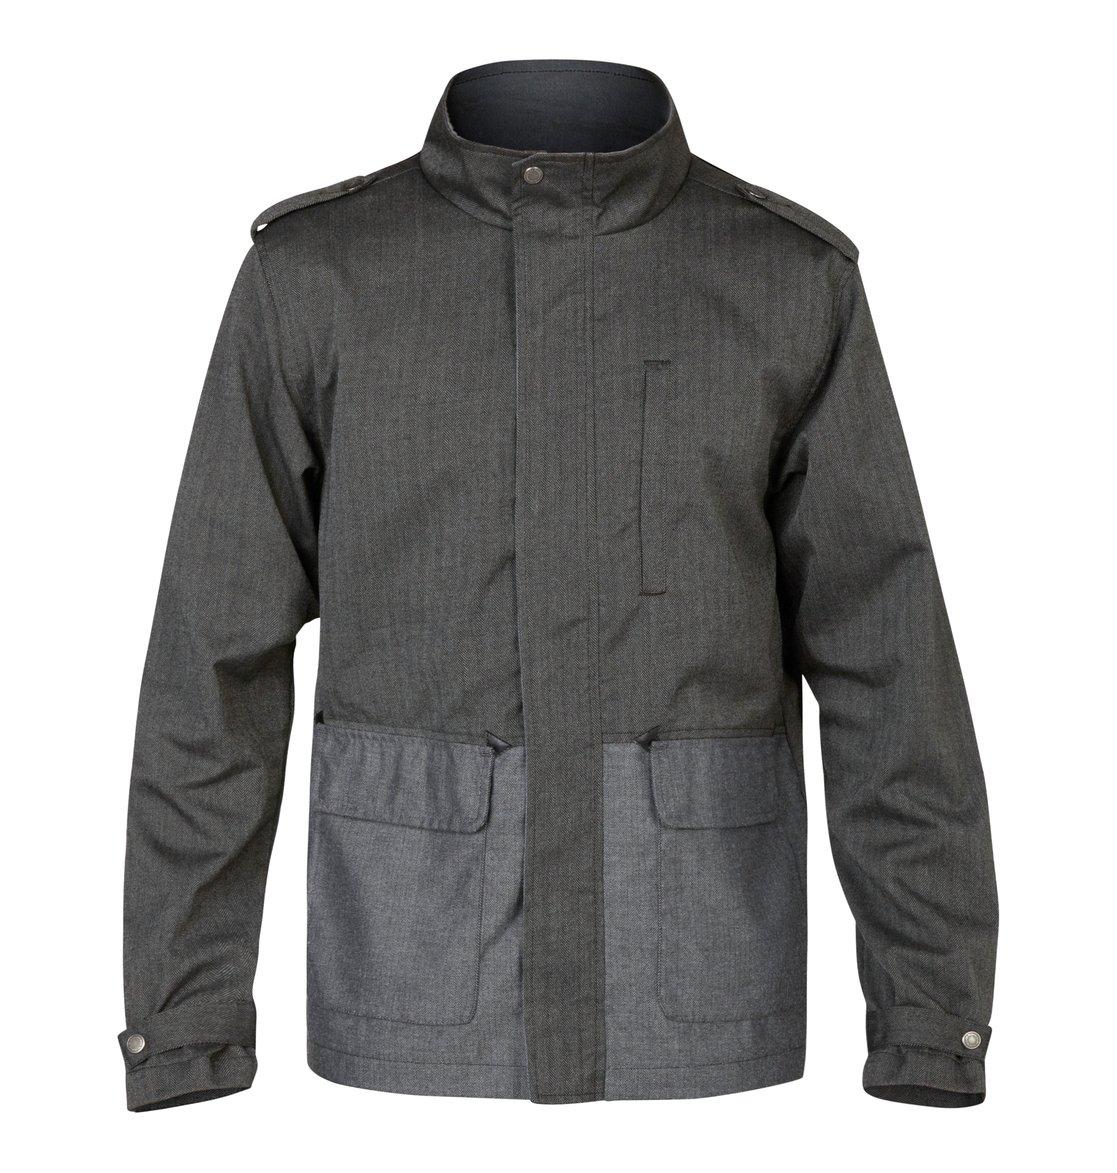 Rover Fill – EuRover Fill – EU от DC Shoes – это мужская куртка из коллекции «Новый год 14-15». Характеристики: плотная полусинтетика «в елочку», утеплитель 140 г.<br>